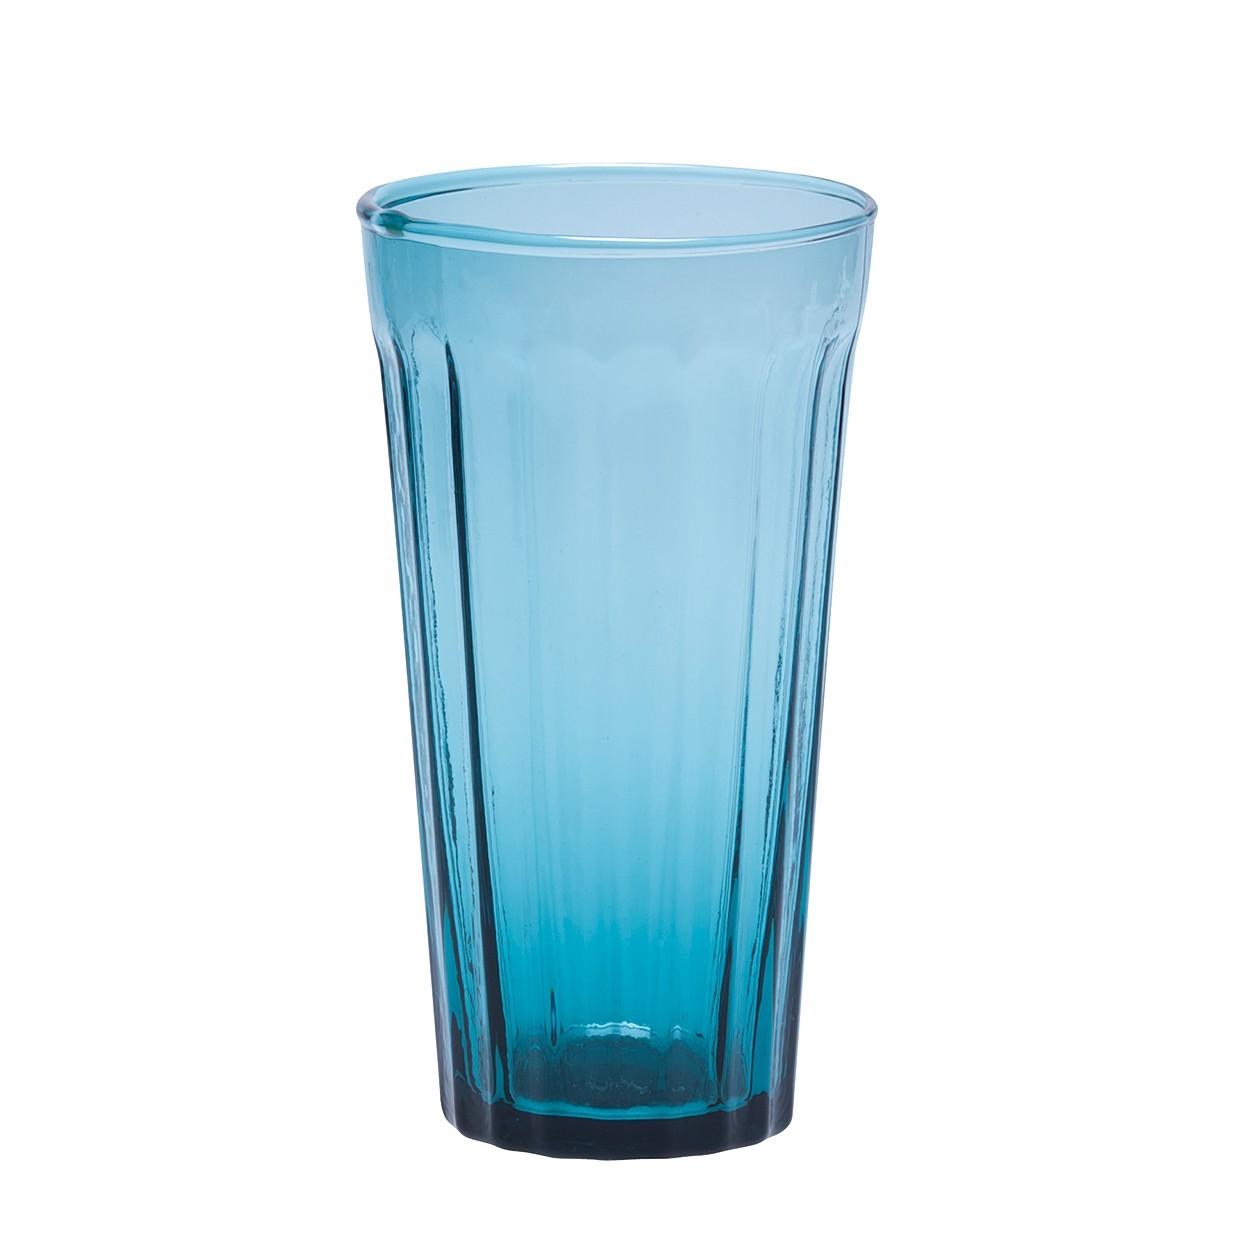 Longdrinkglas Lucca (6er-Set) – Glas – Tintenblau, BITOSSI HOME günstig